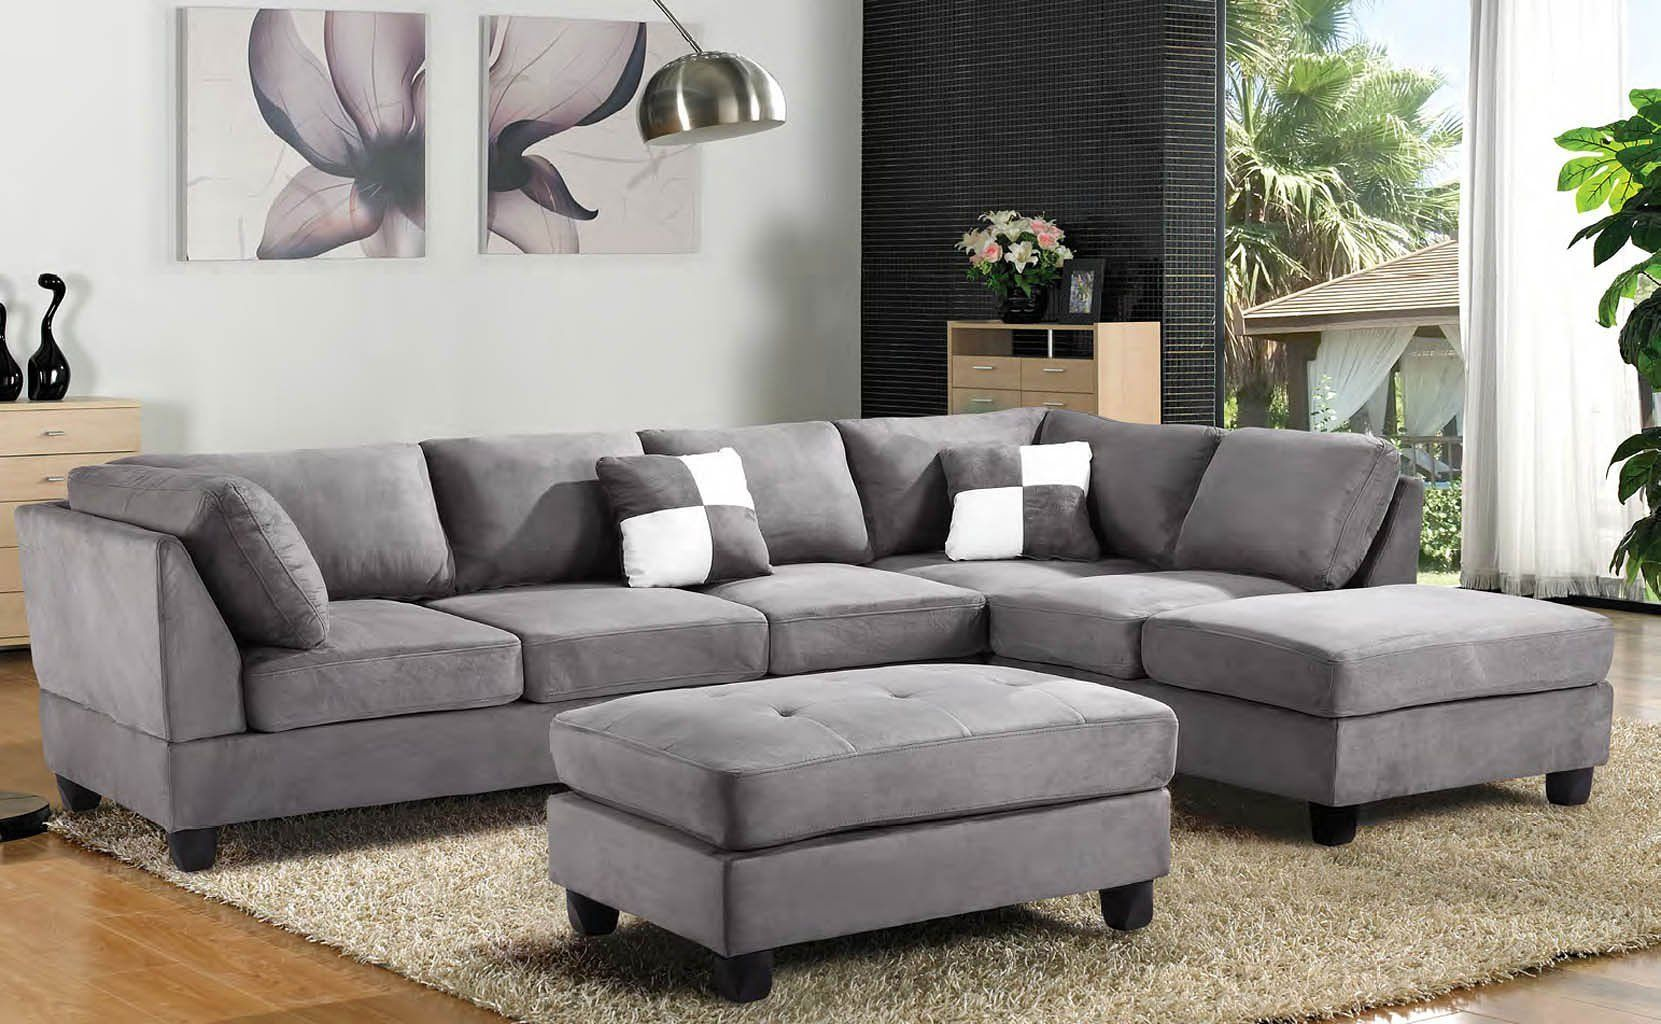 G633 Reversible Sectional Set Grey Living Room Sets Furniture